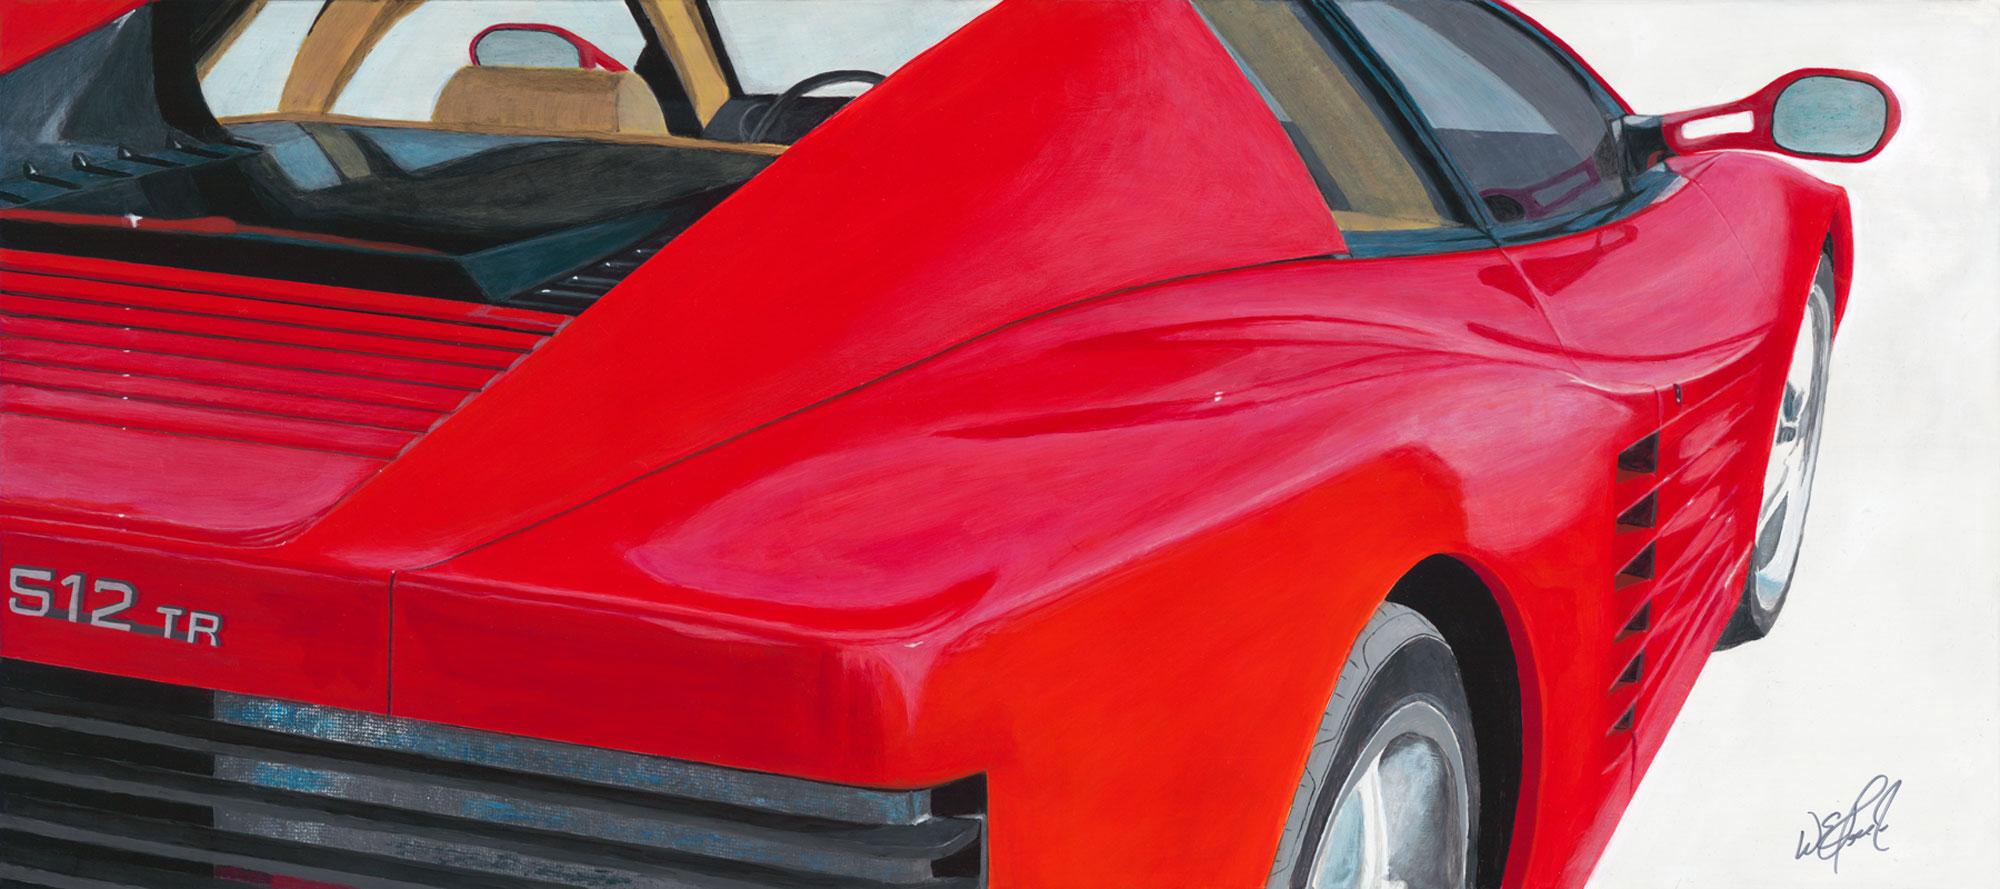 Testarossa 512TR